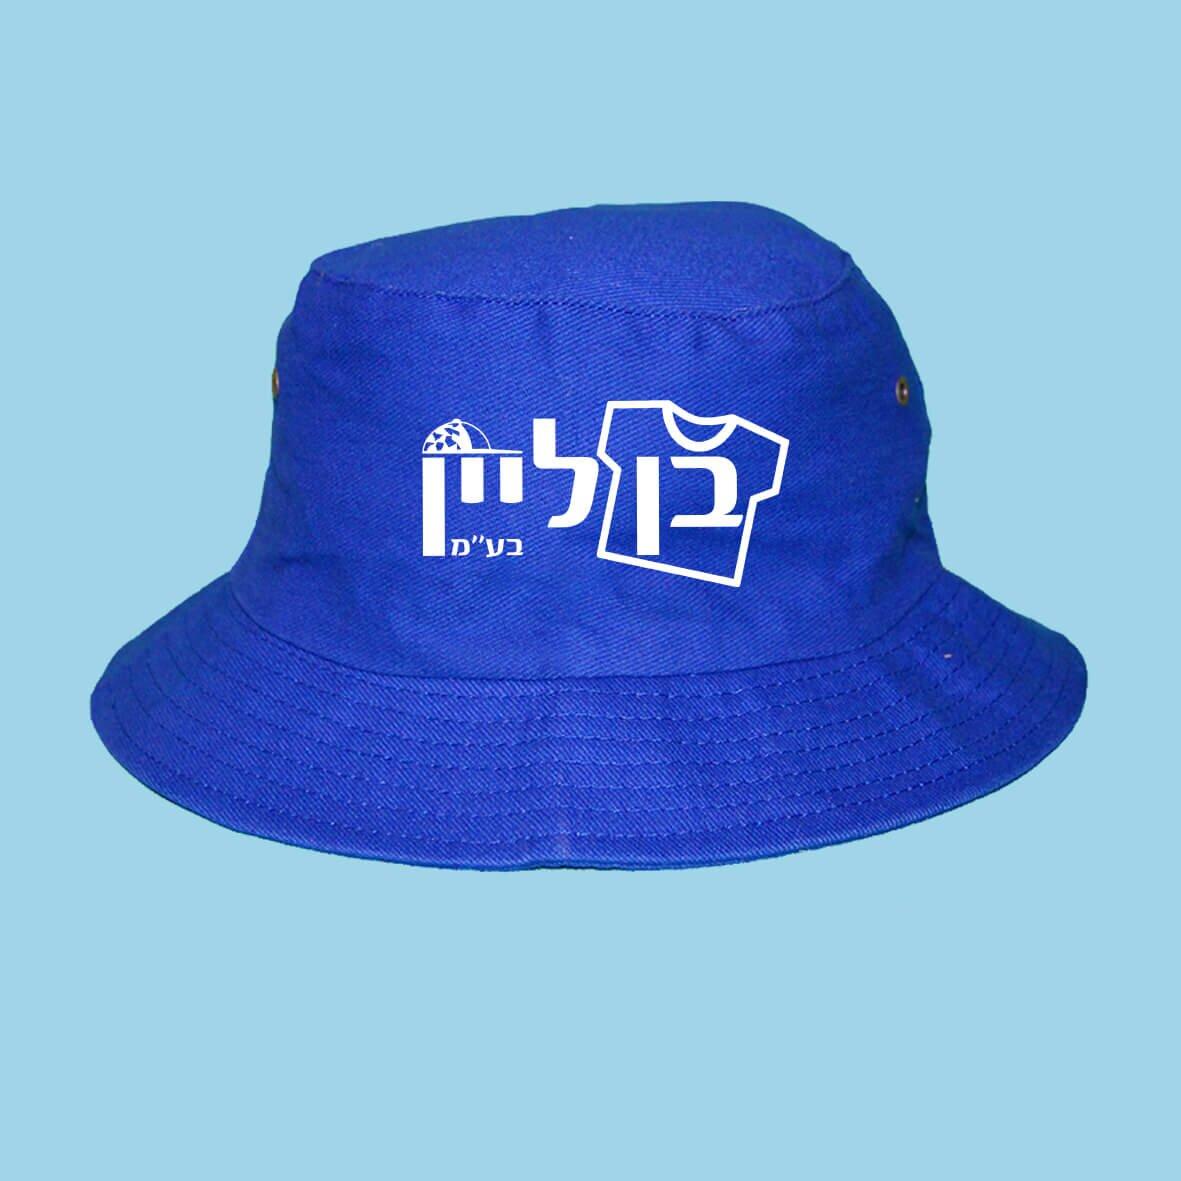 כובע מיתוג עסקי